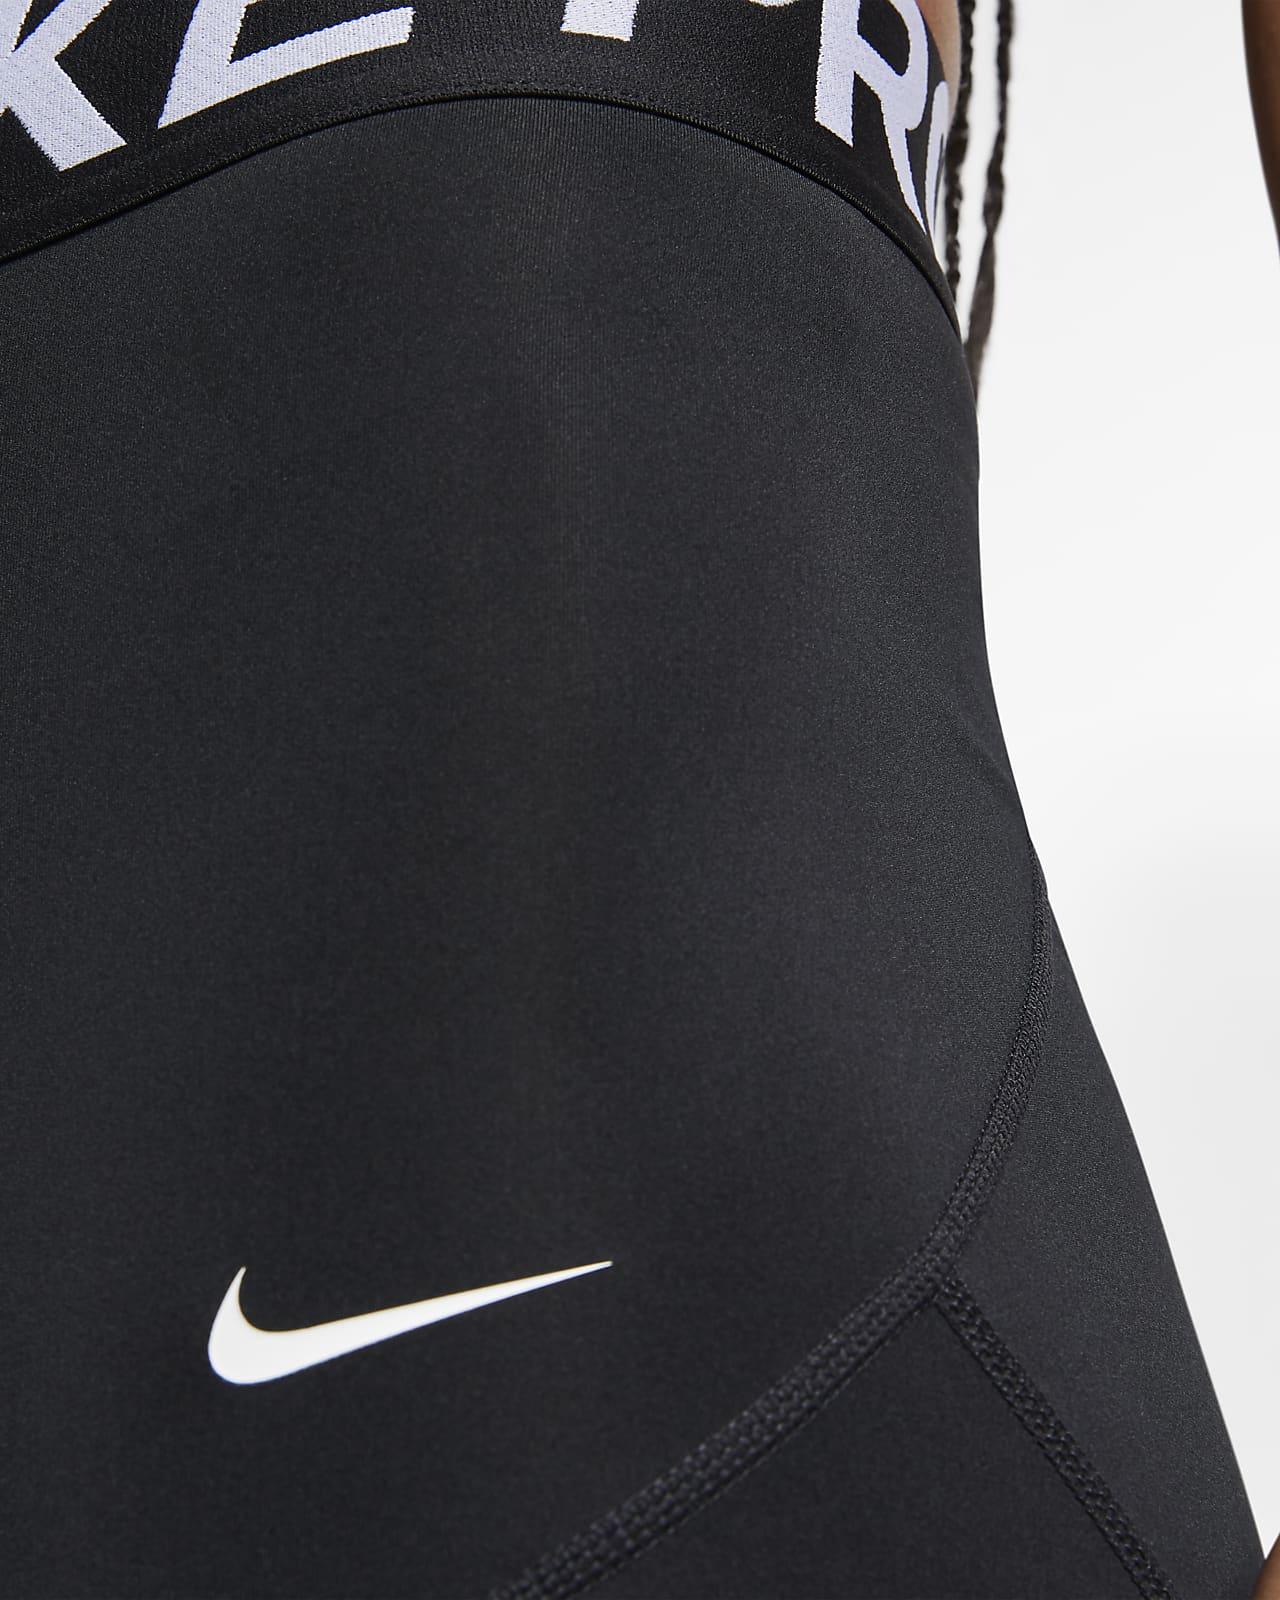 Transparentemente Imperio Inca fresa  Nike Pro Women's 5